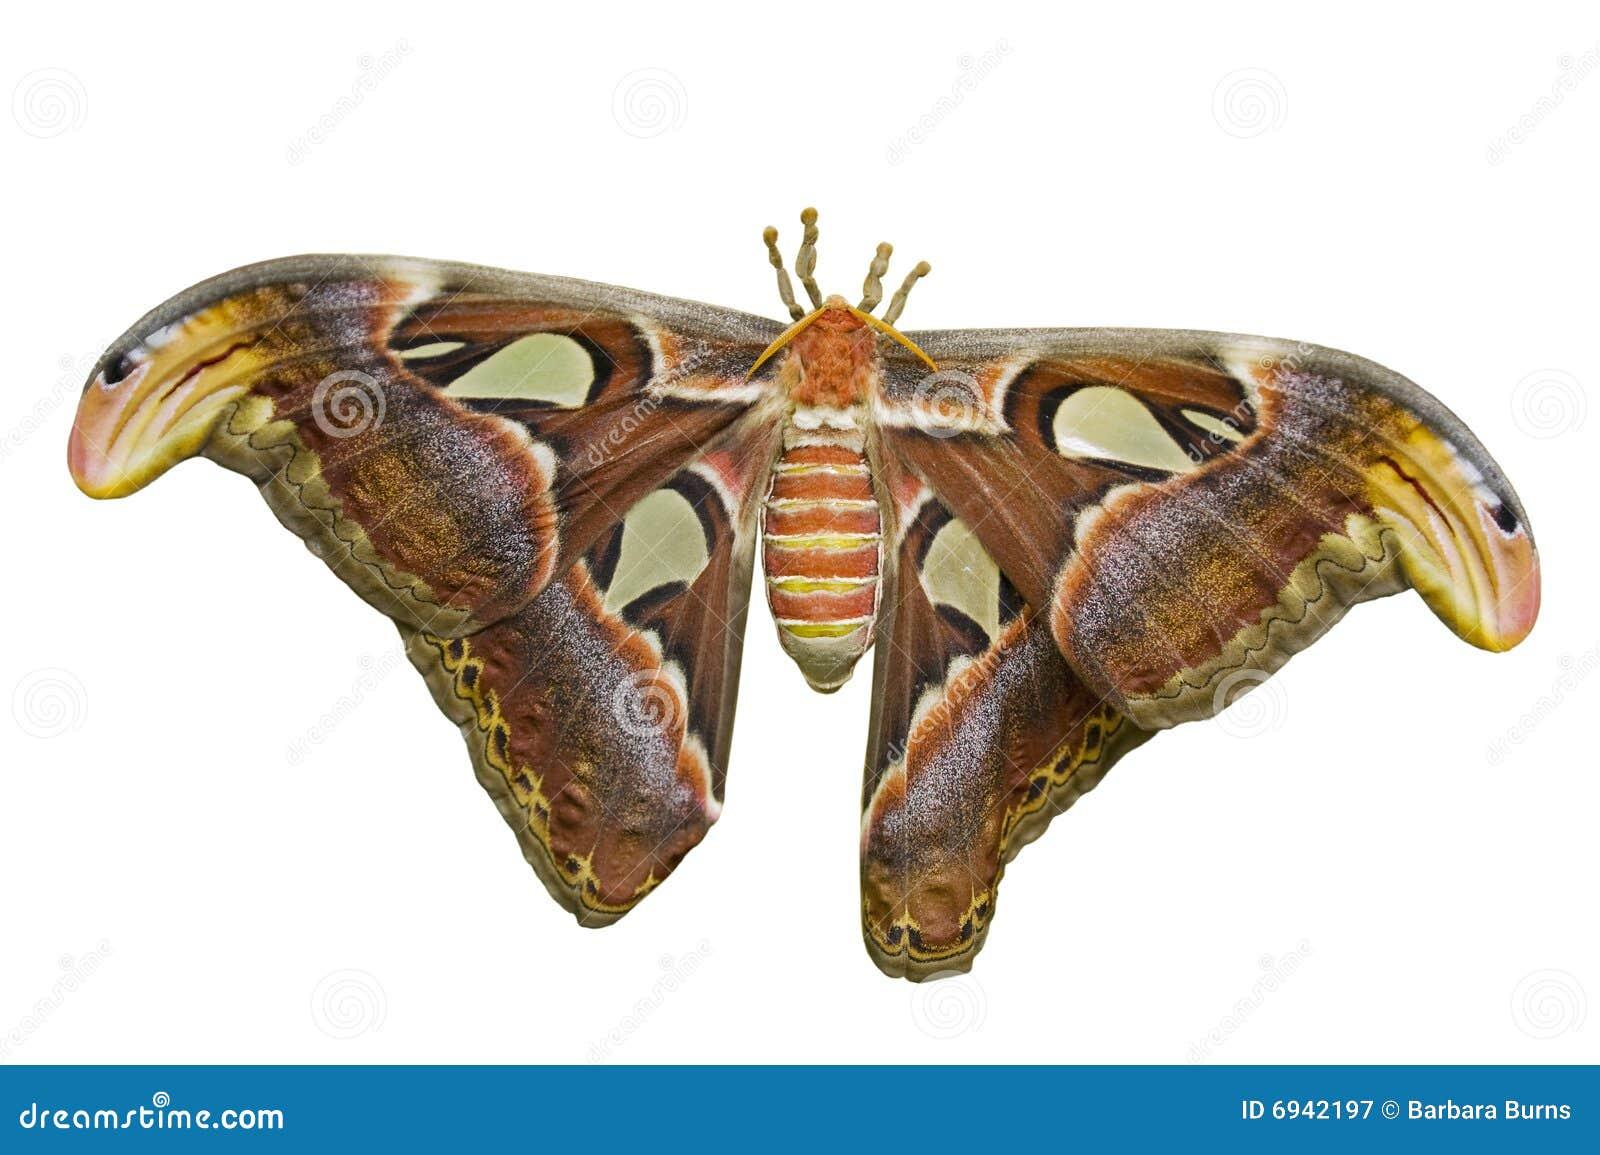 Atlas Moth Cutout